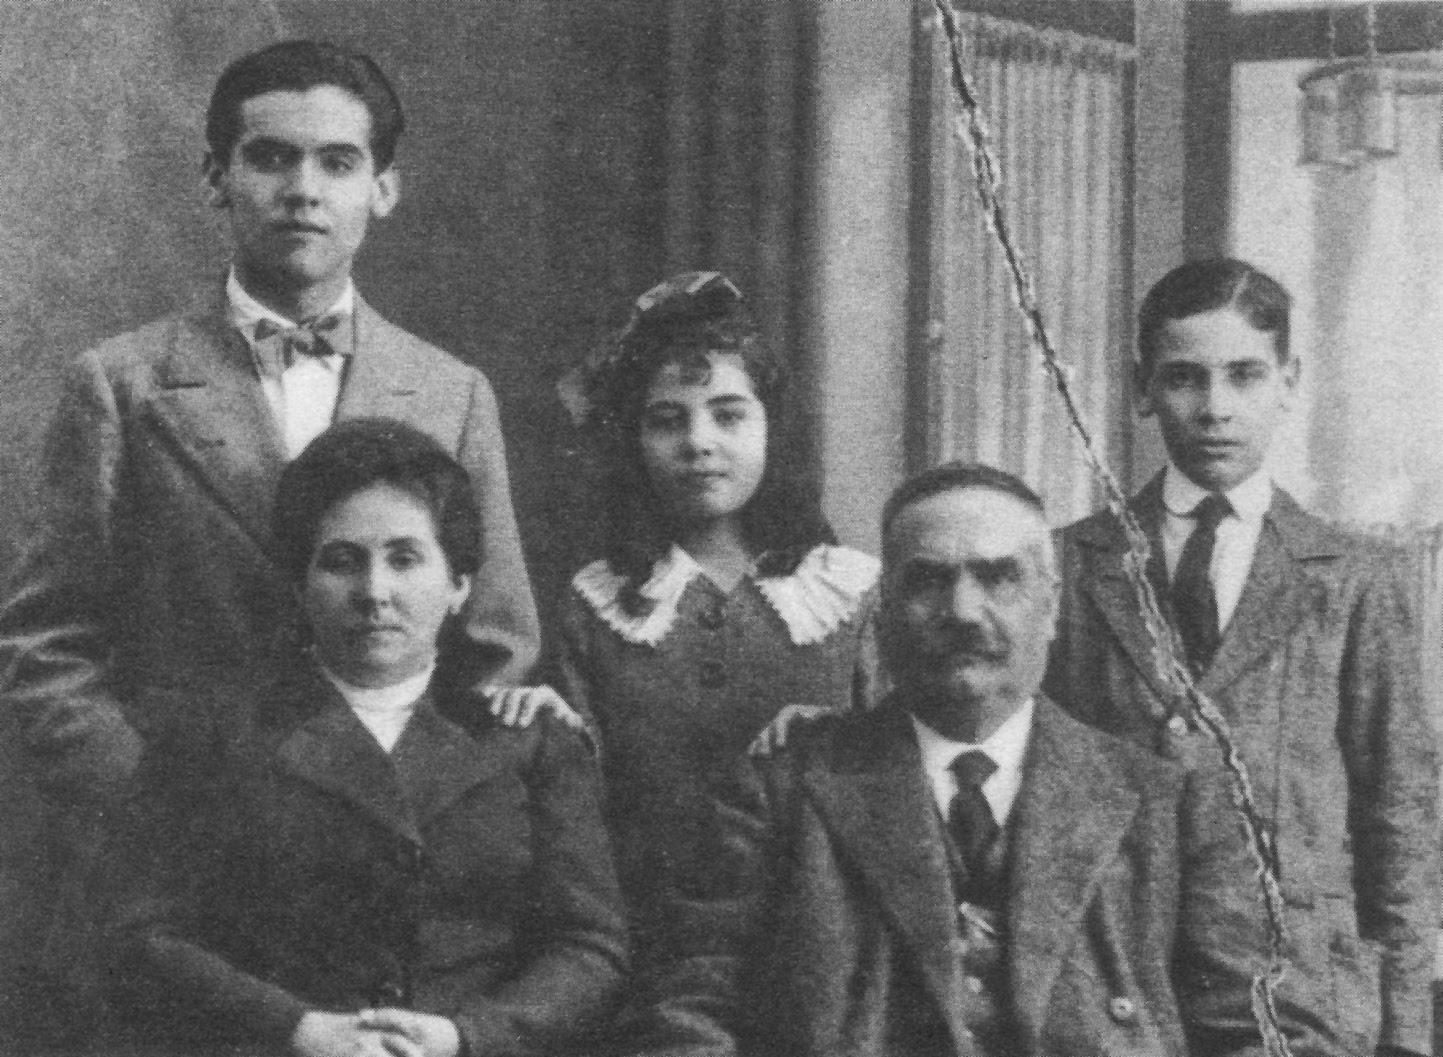 La familia, en torno a 1912. Abajo, Vicenta y Don Federico. Arriba, desde la izquierda, Federico y sus hermanos Concha y Paco.